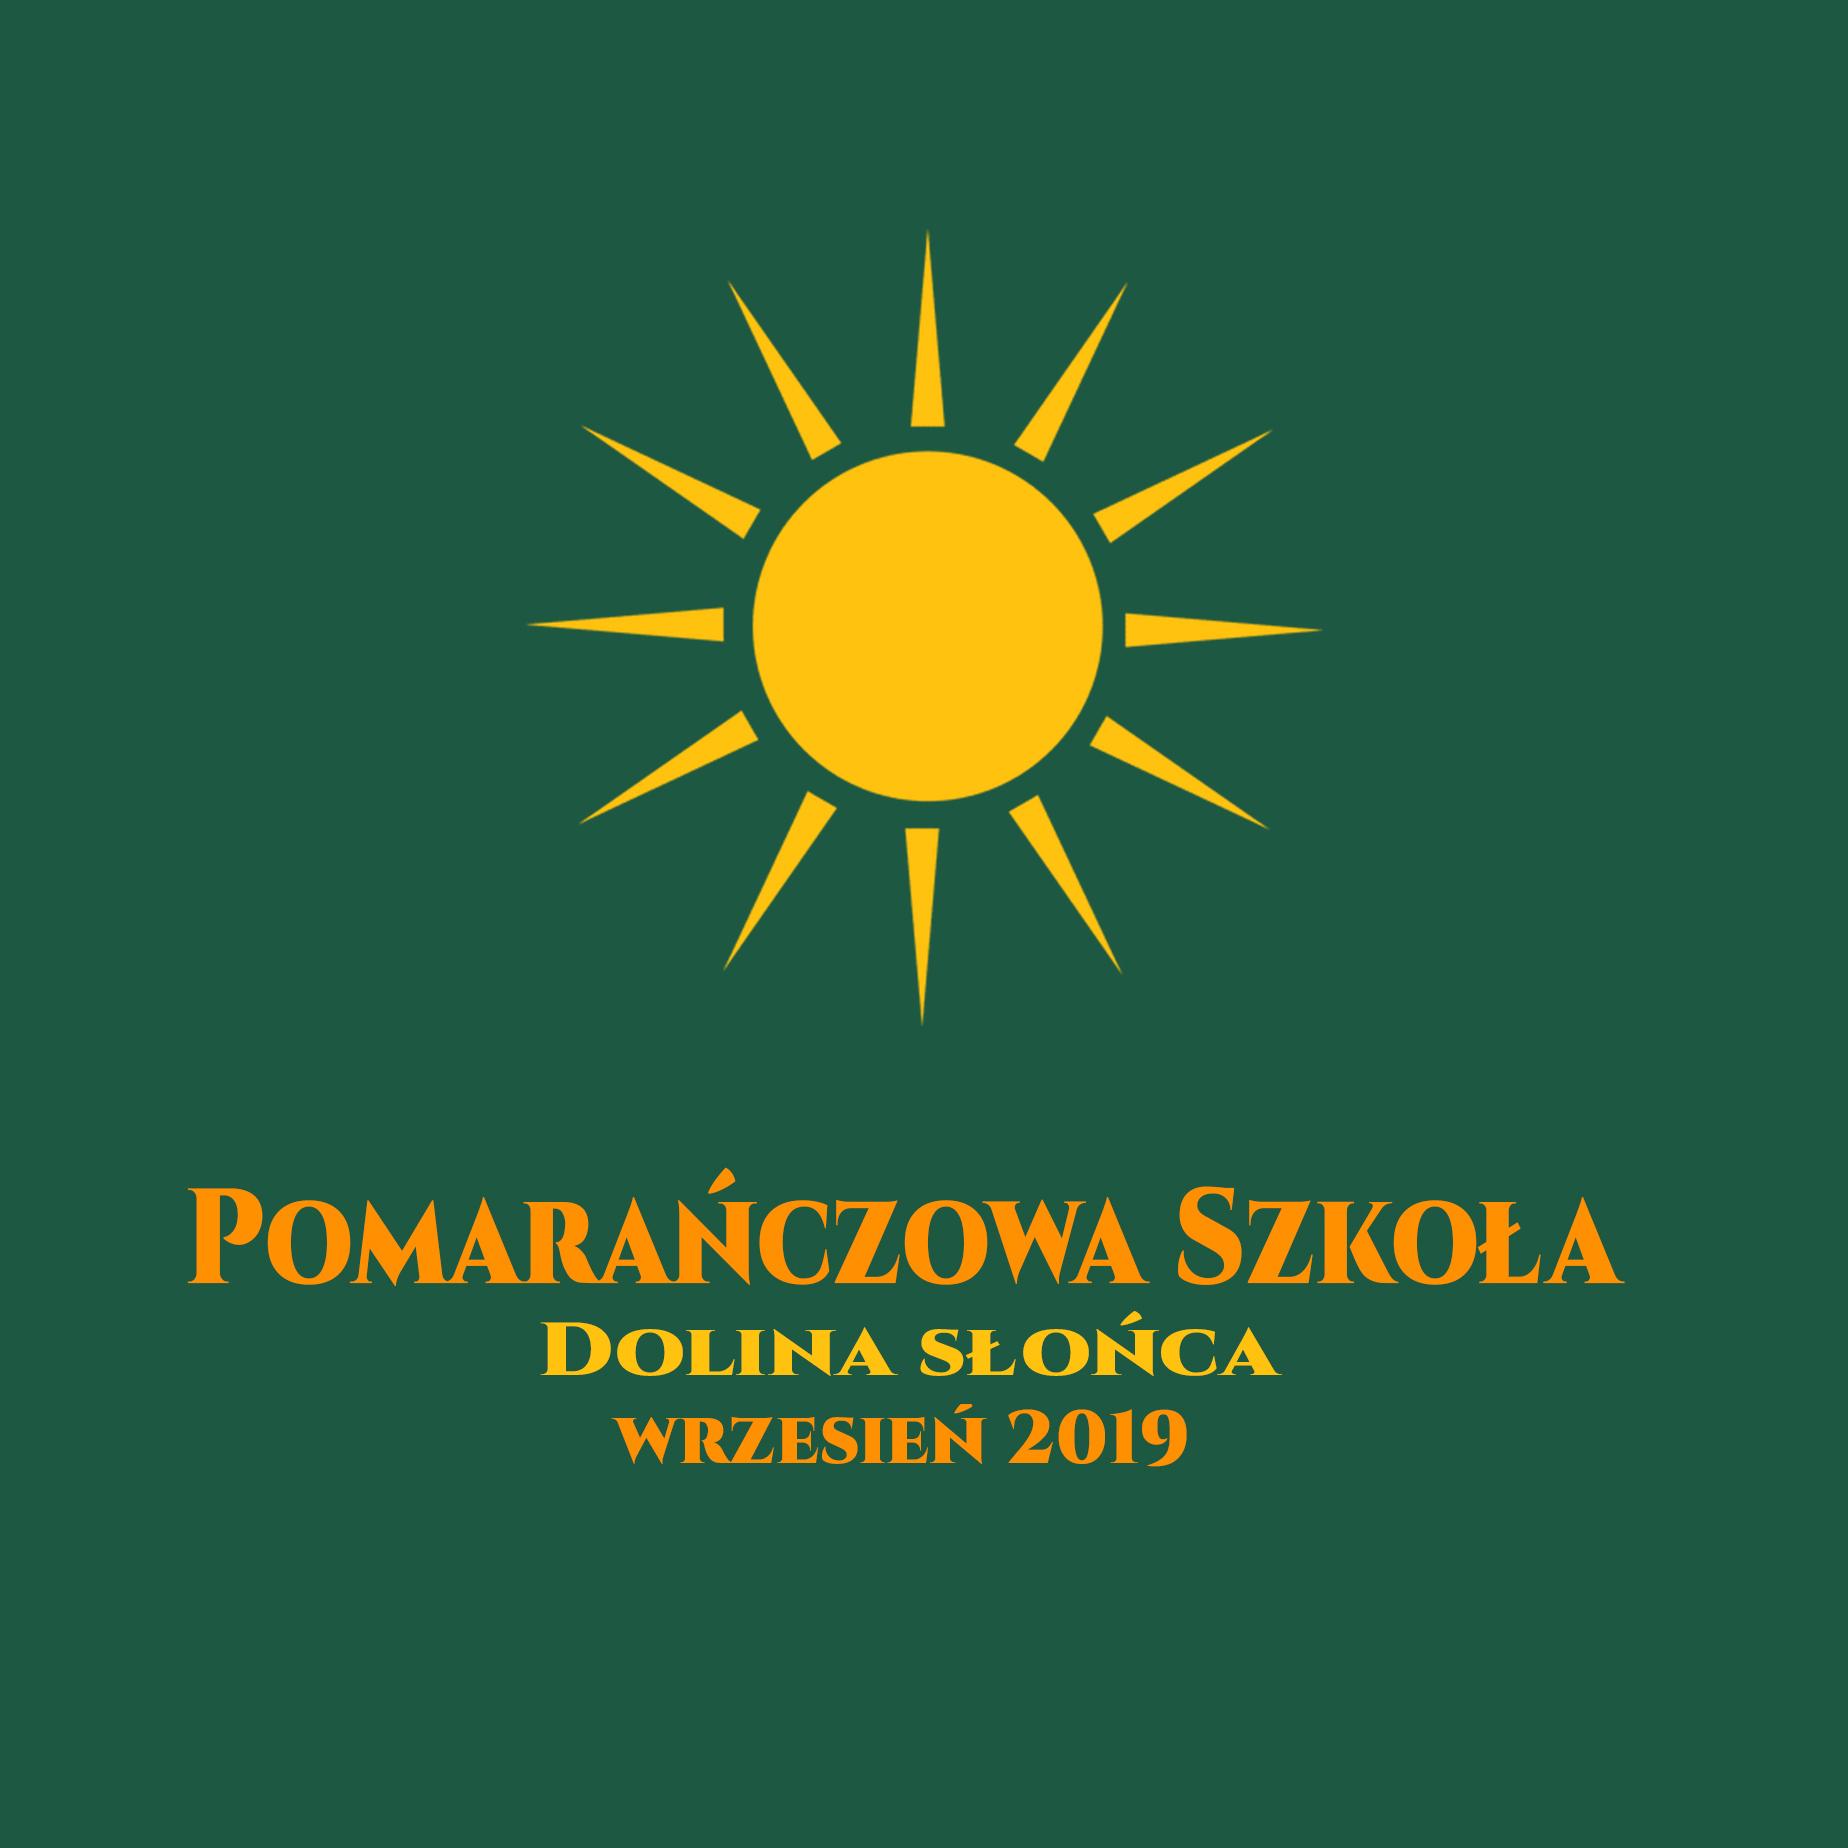 Pomarańczowa Szkoła 2019